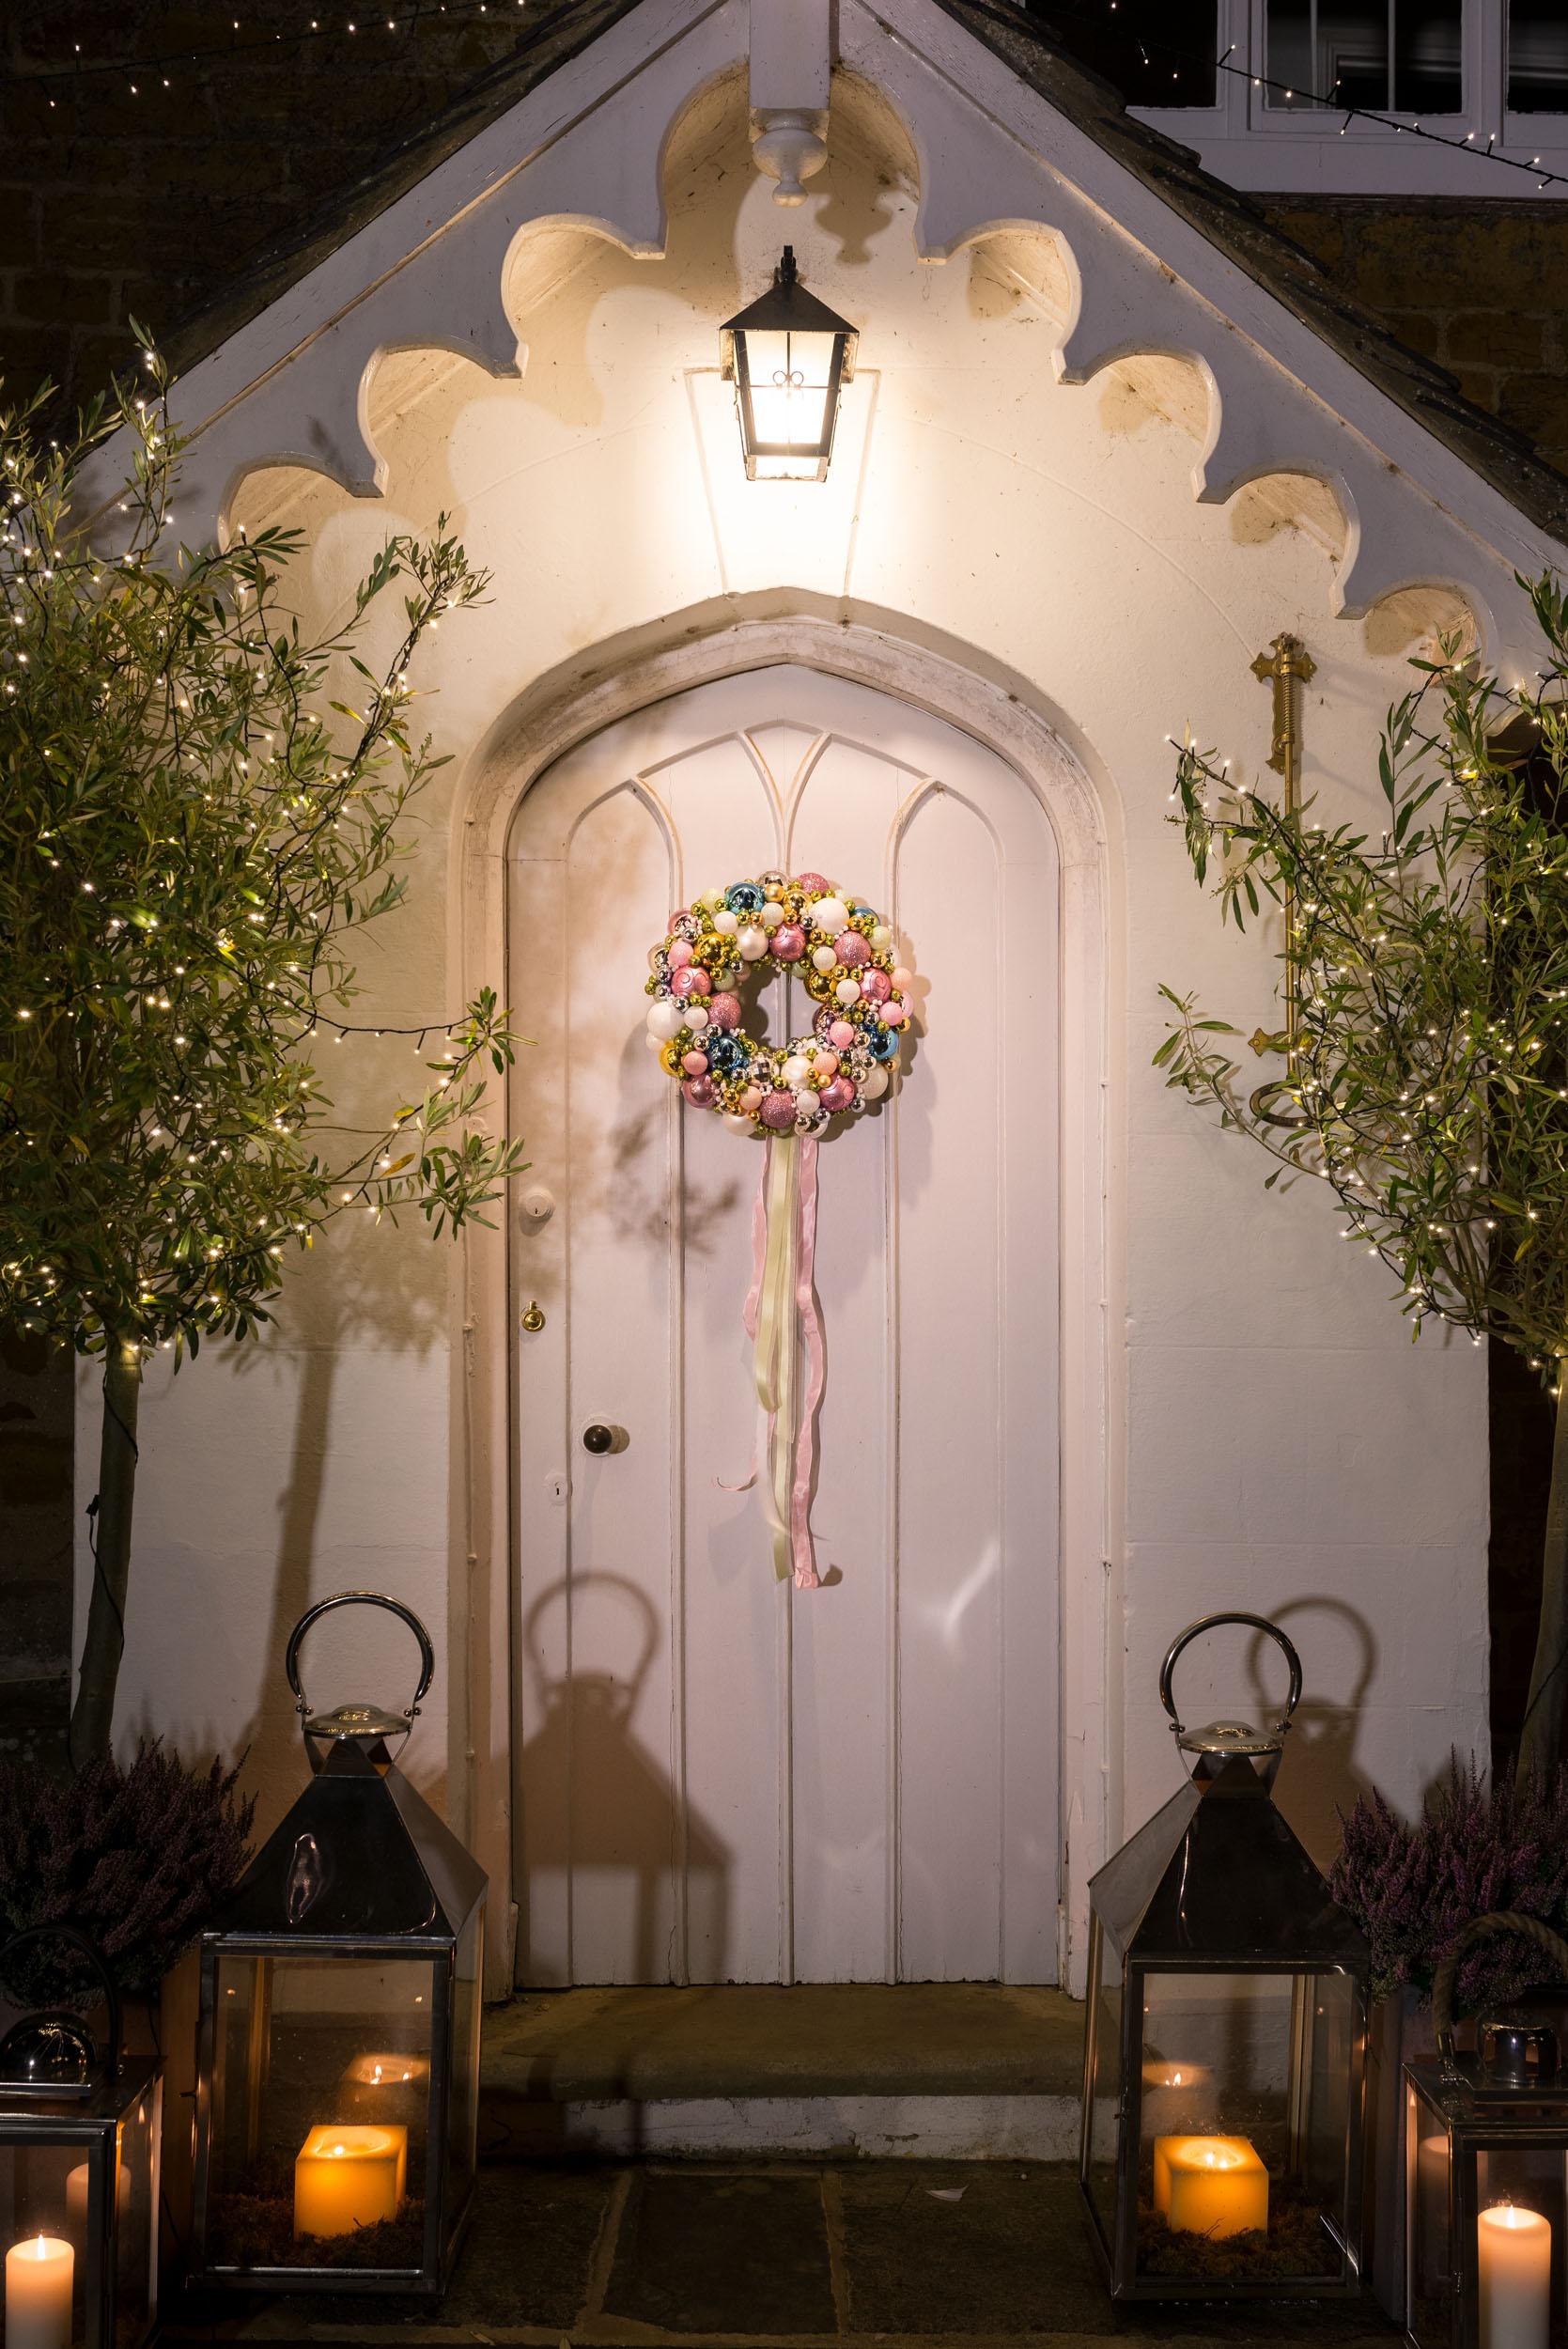 An alternative Christmas wreath